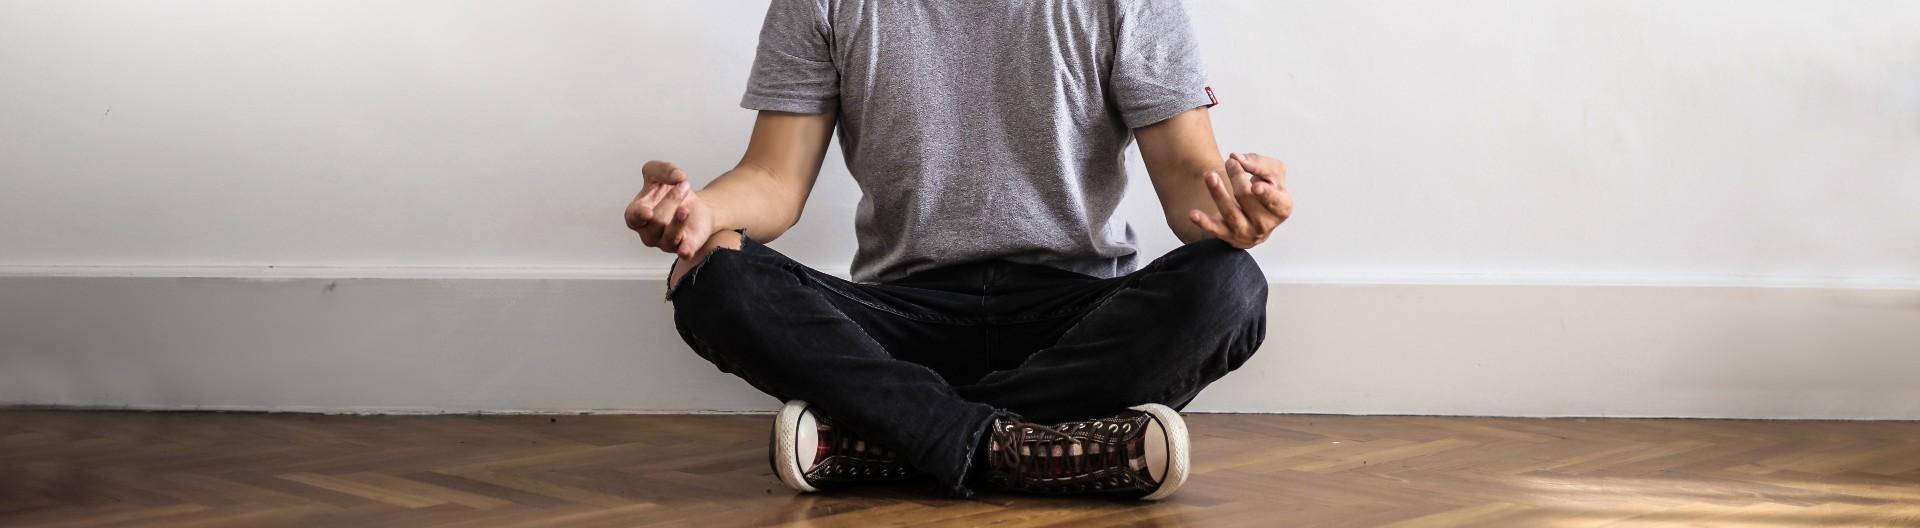 Mann in Jeans, T-Shirt und mit Turnschuhen, sitzt im Schneidersitz und meditiert.